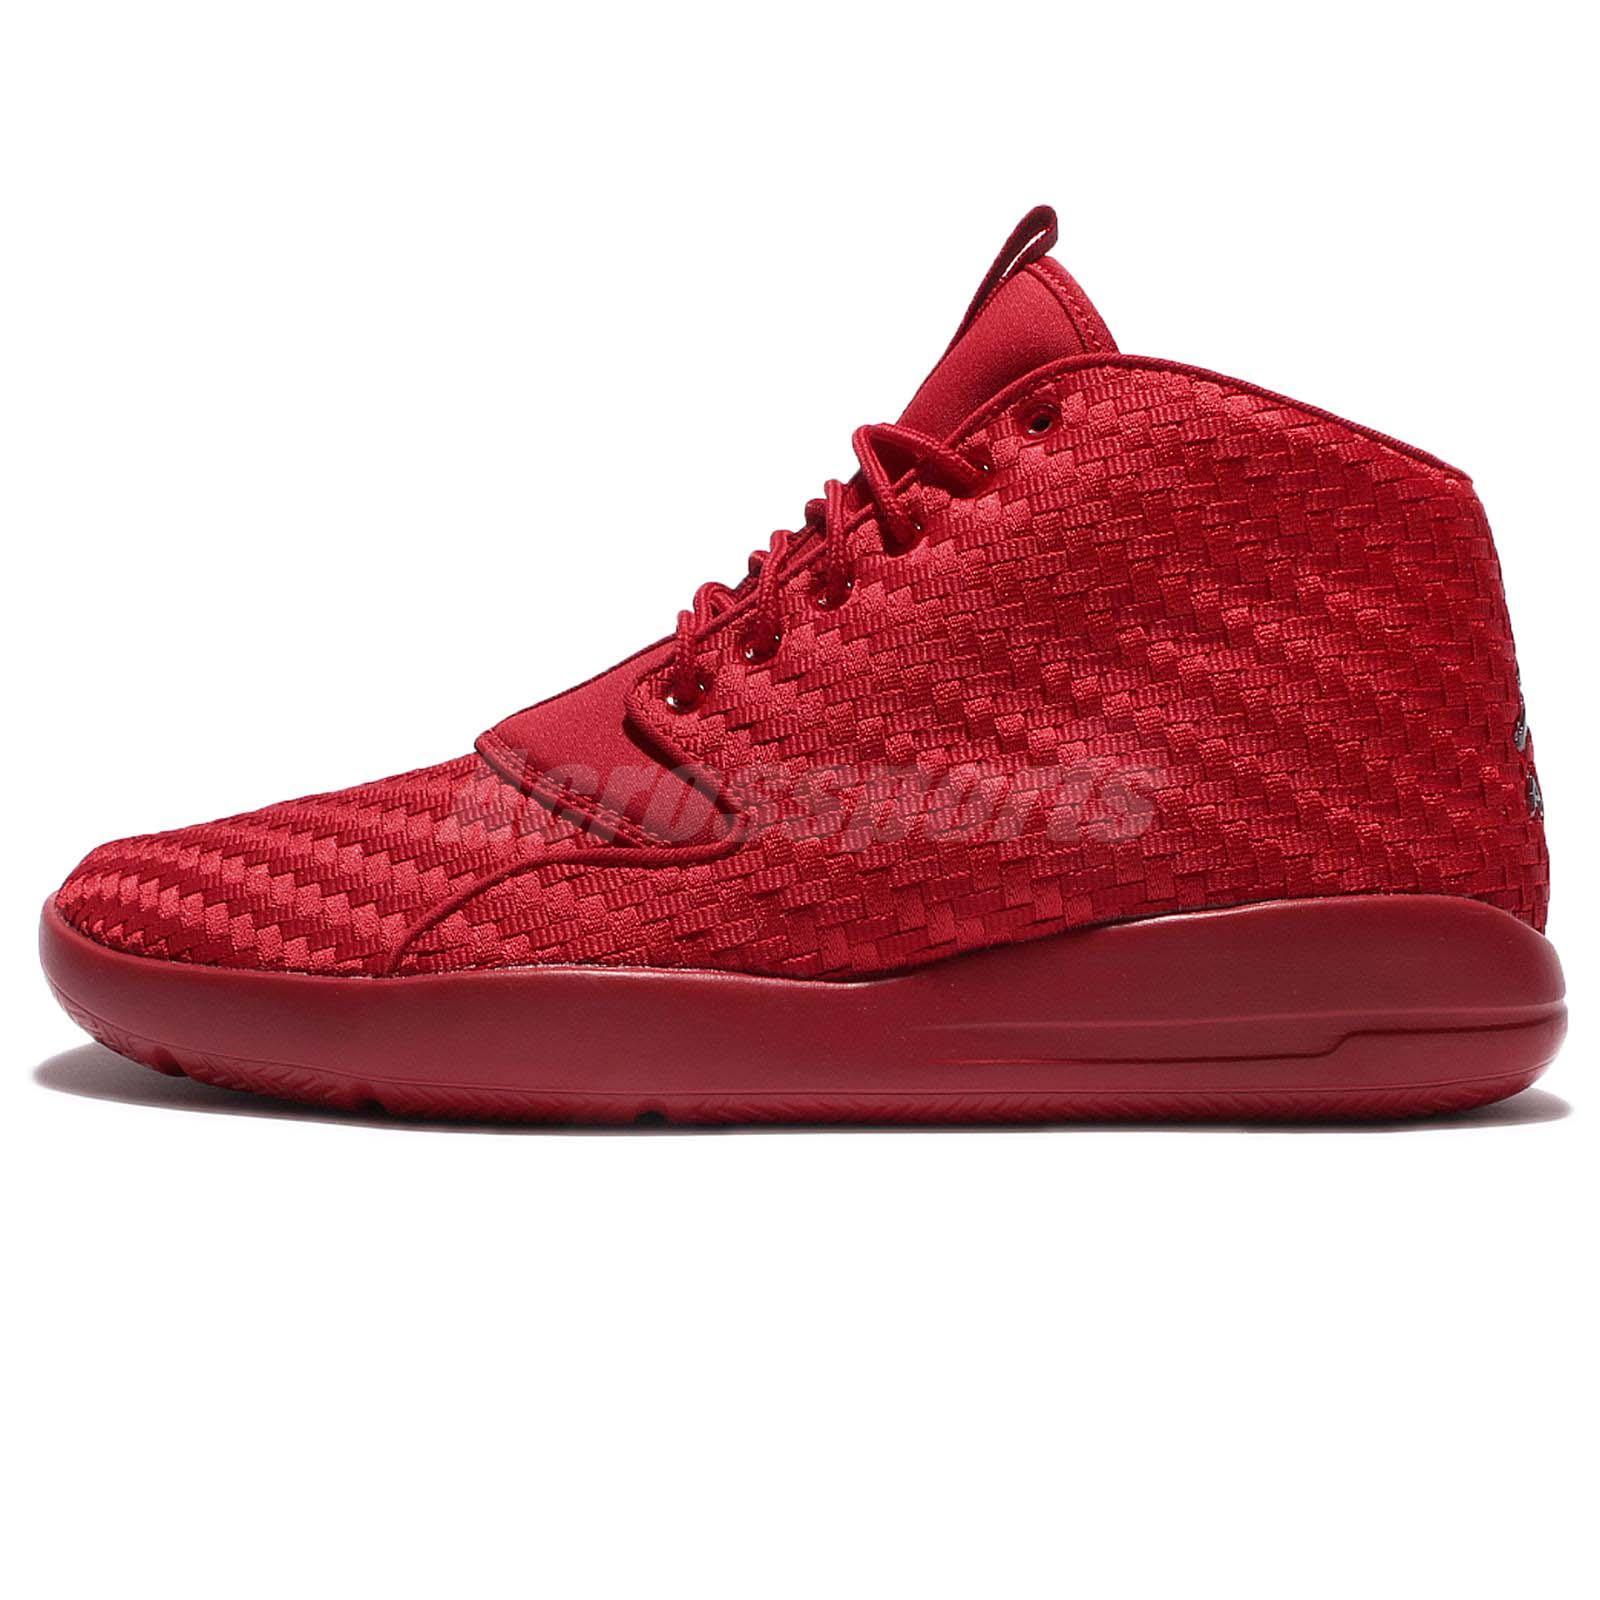 843d9de9630 ... Nike Jordan Eclipse Chukka Woven Gym Red Men Classic Shoes Sneakers  881453-601 ...